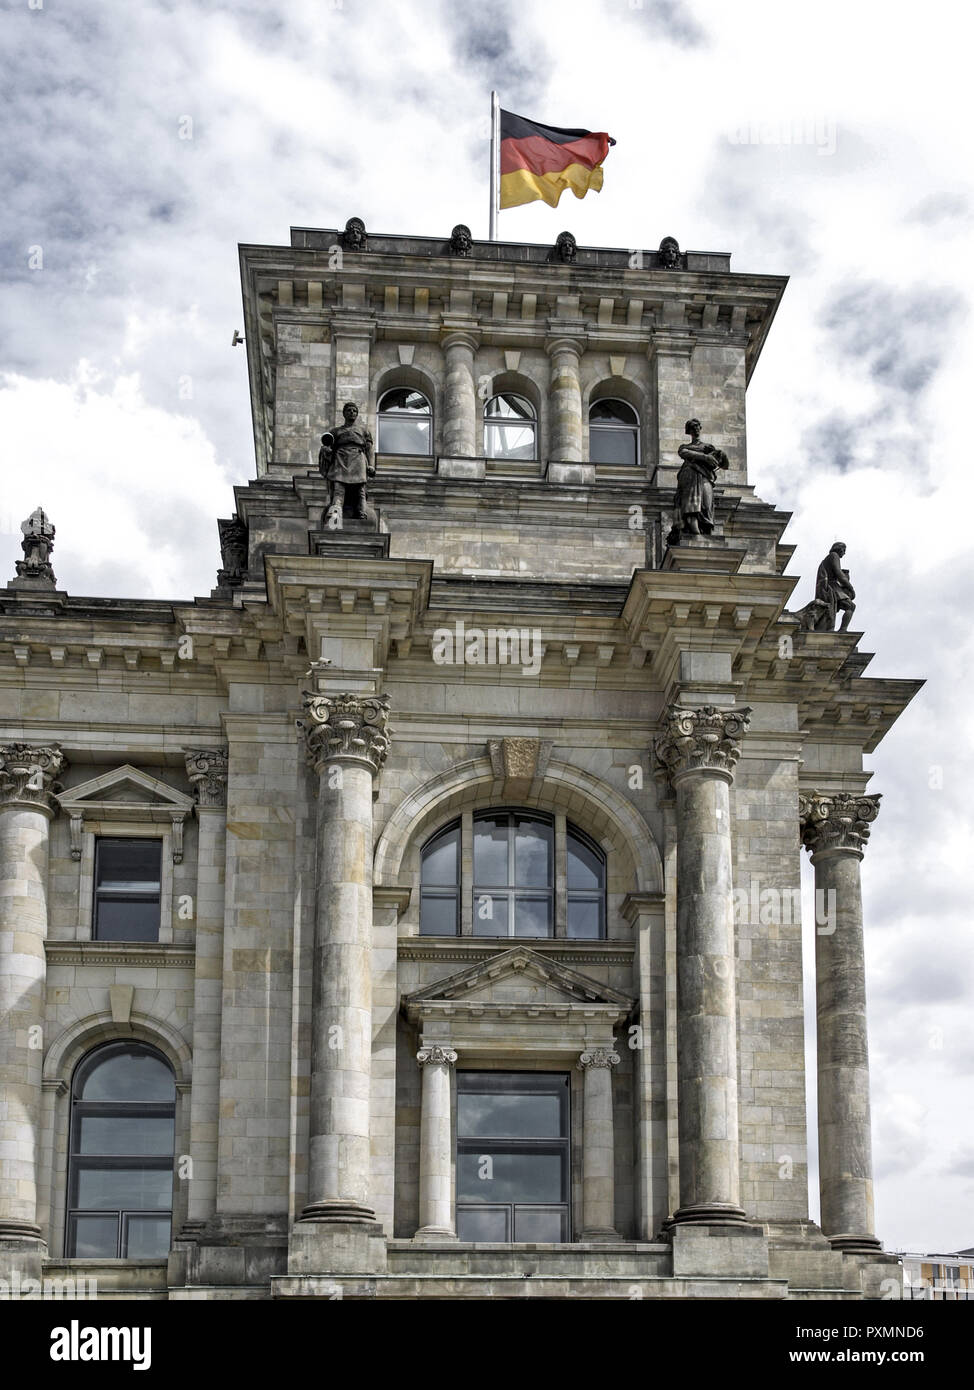 Deutschland, Berlin, Europa, Hauptstadt, Stadt, Sehenswuerdigkeit, Reichstagsgebaeude, Regierungsgebaeude, der Reichstag, der Regierungssitz, Deutscher Bundes Stockbild